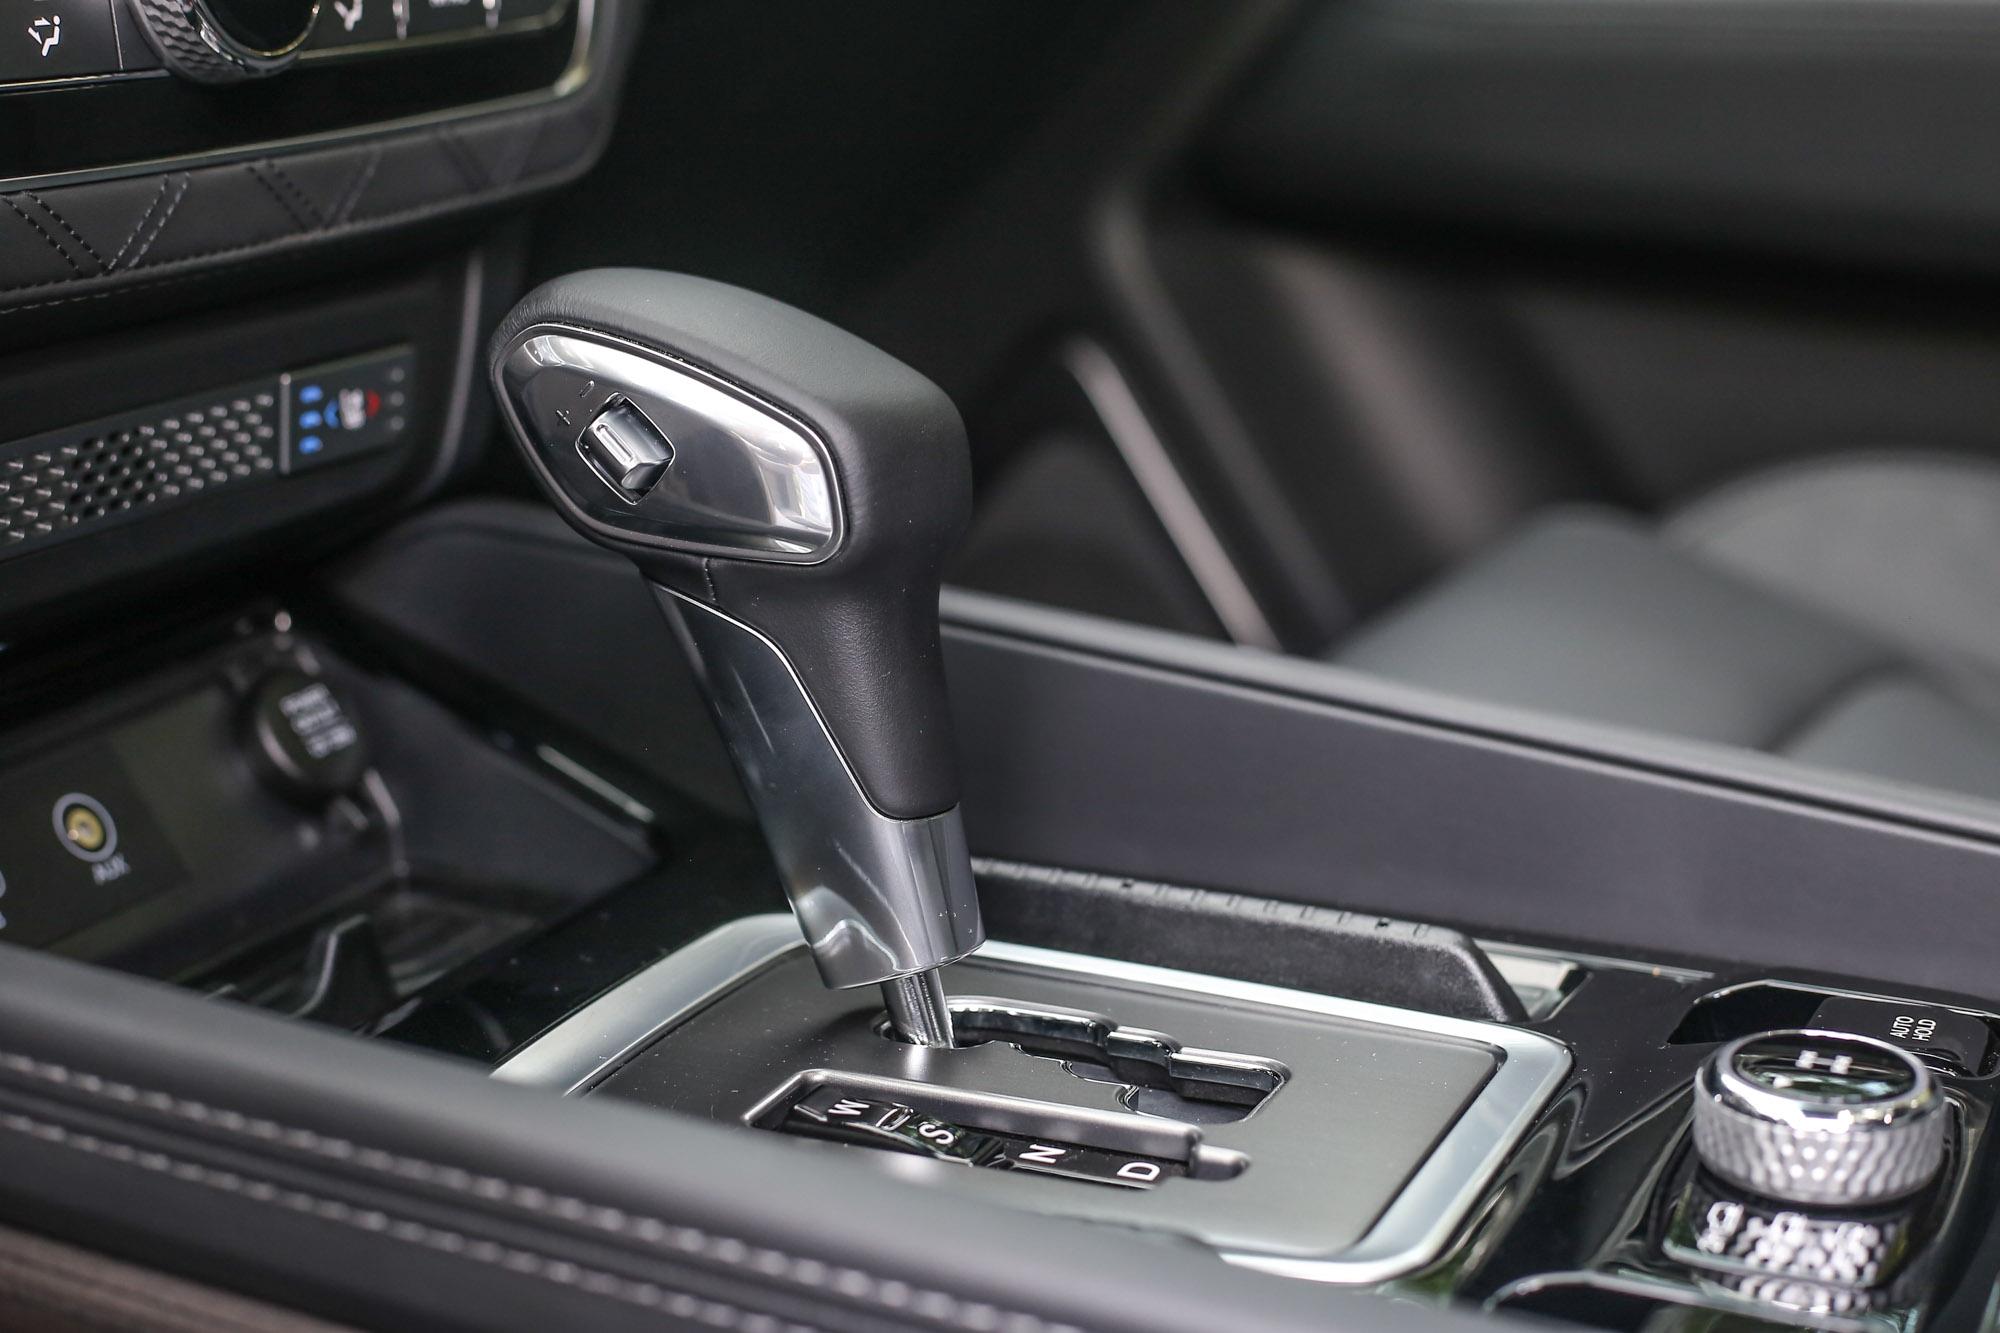 配上源自 Mercedes-Benz 的七速自排變速箱,具備手排換檔模式,但換檔撥片設置於排檔頭一側,使用上並不直覺。